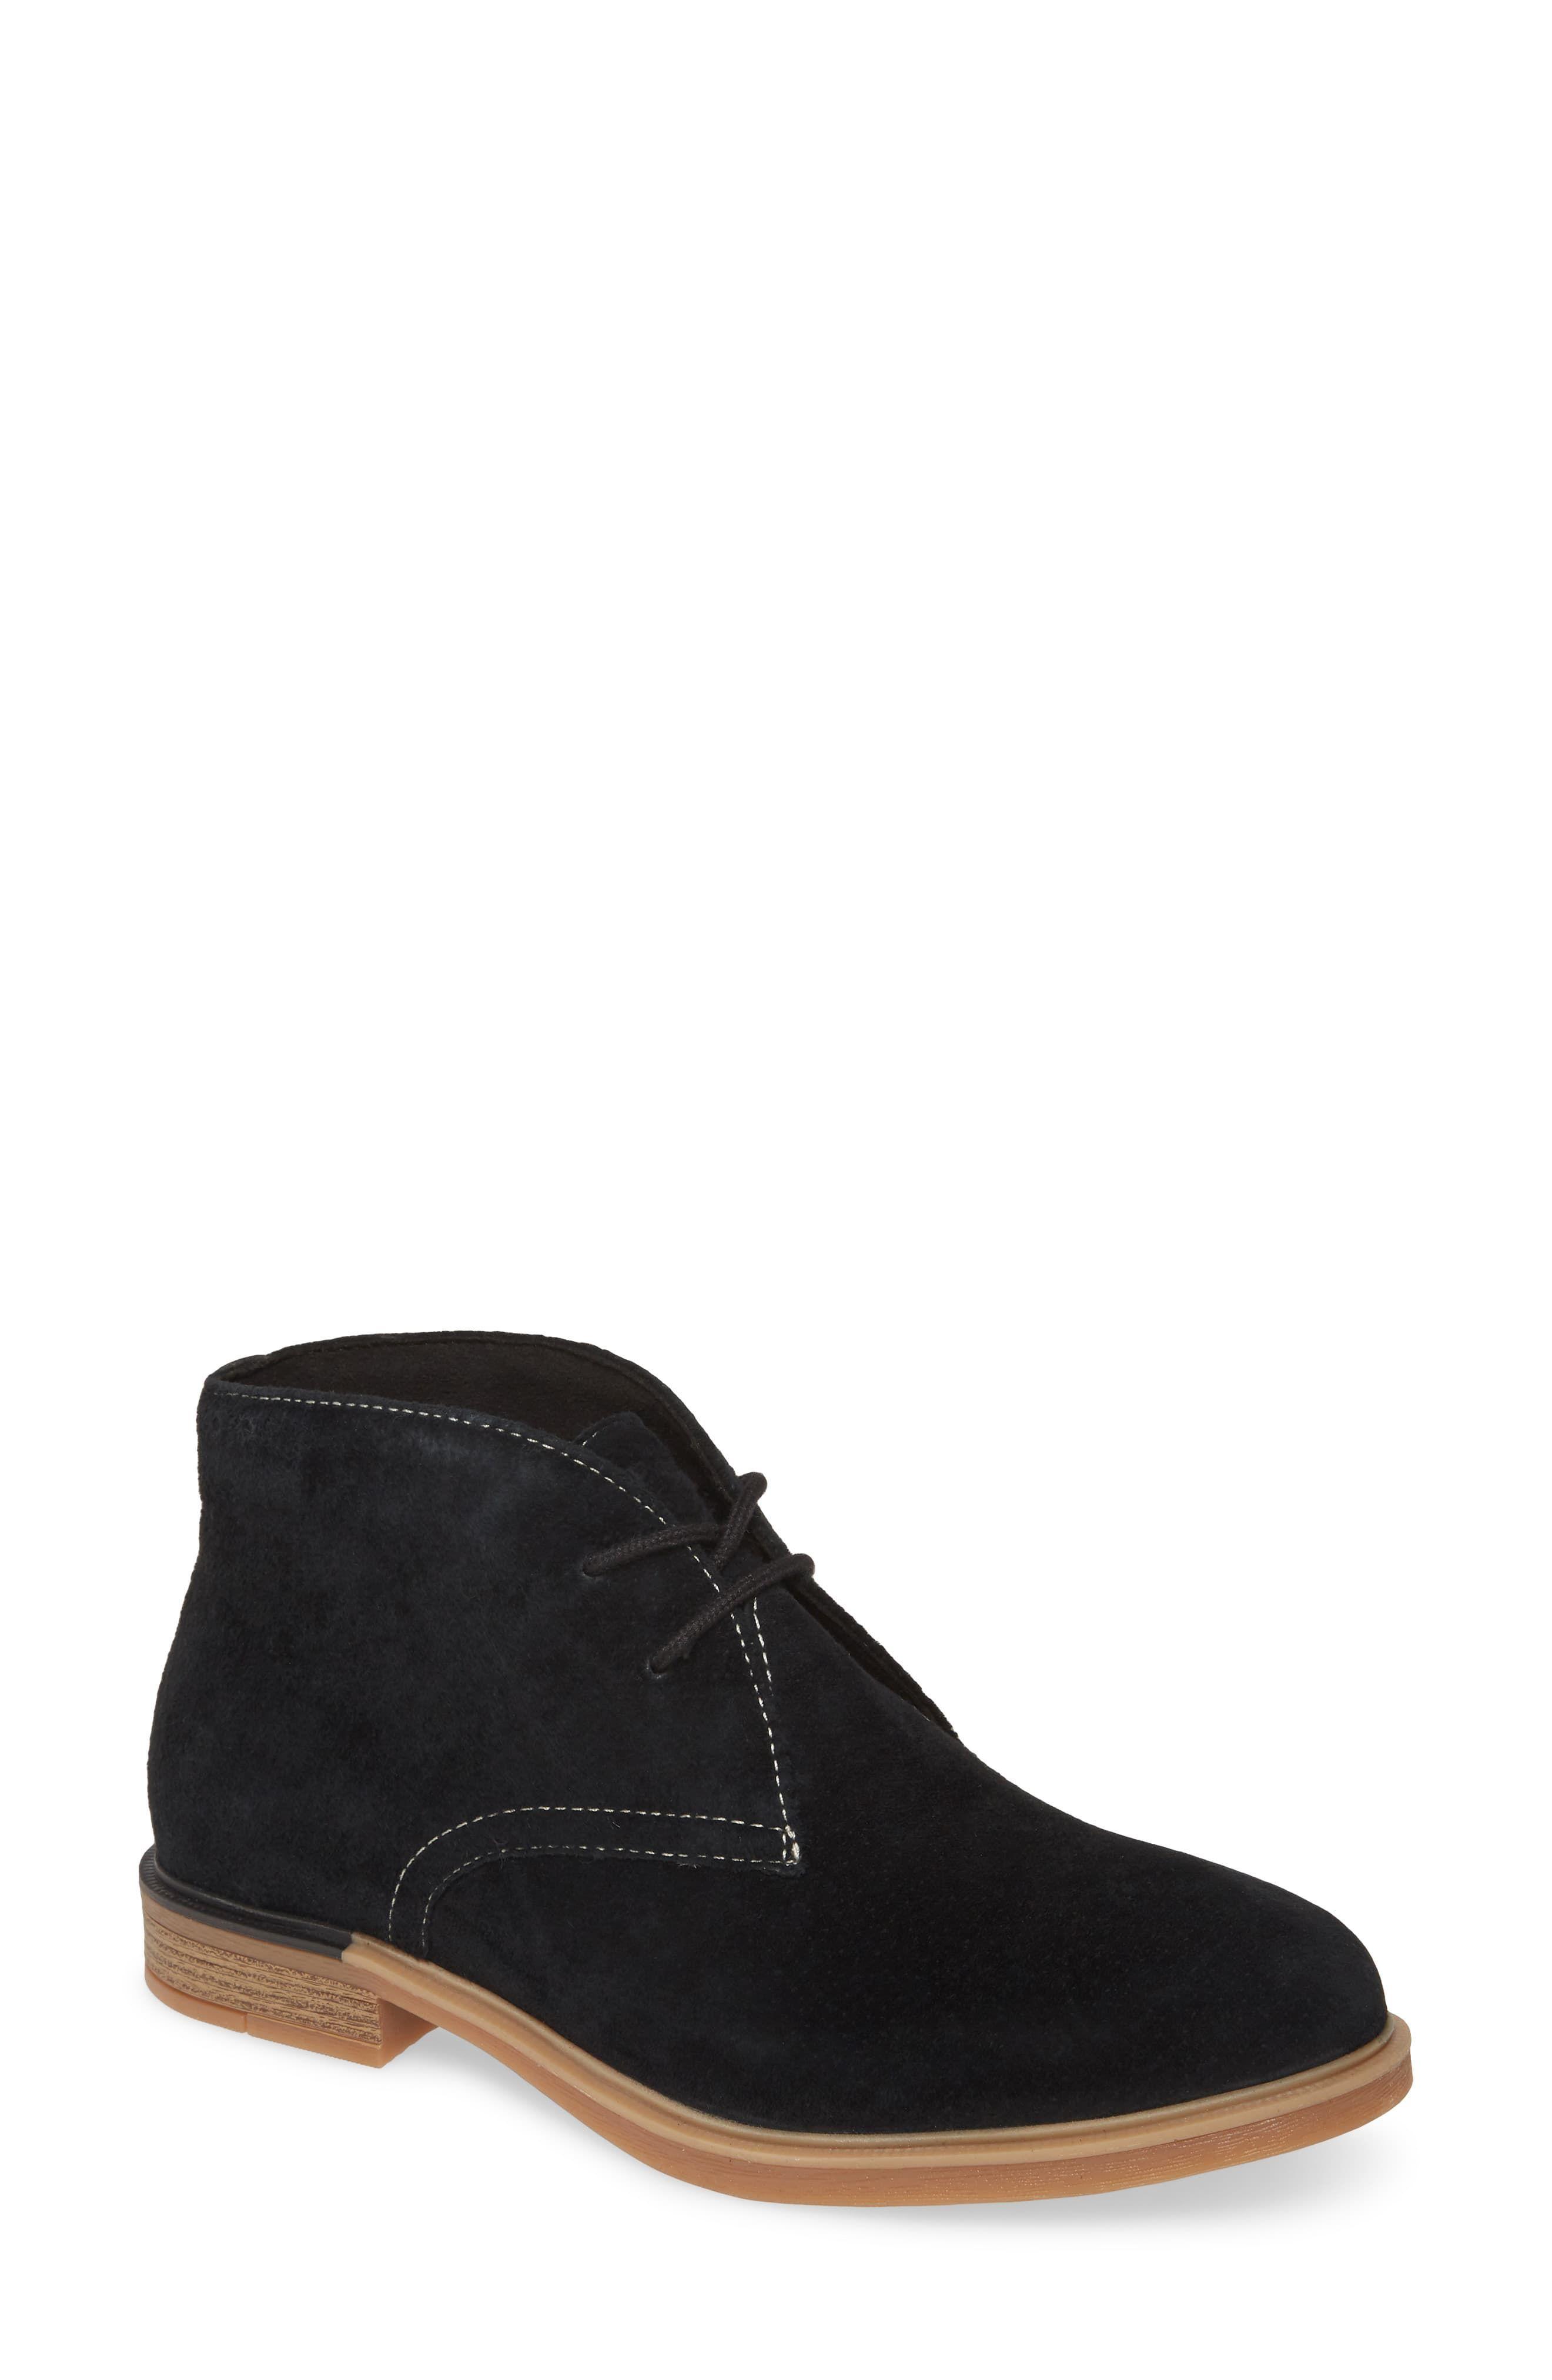 Hush Puppies Bailey Chukka Boot Available At Nordstrom In 2020 Chukka Boots Women Chukka Boots Boots